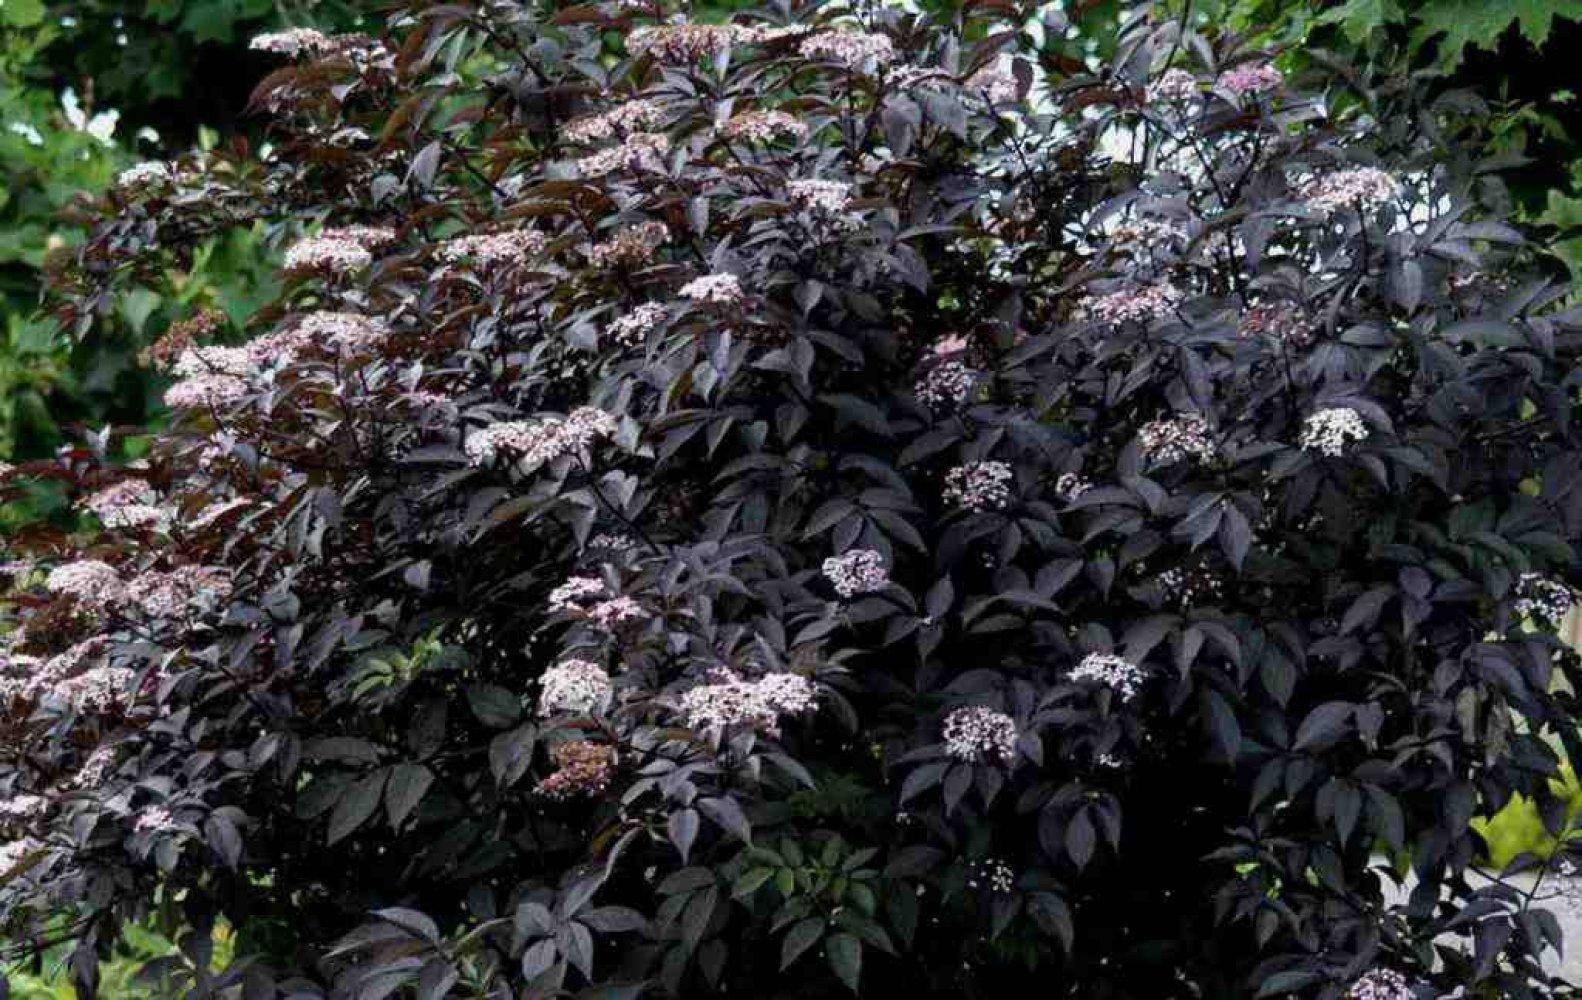 Черная бузина: посадка и уход в открытом грунте, способы размножения, лучшие сорта